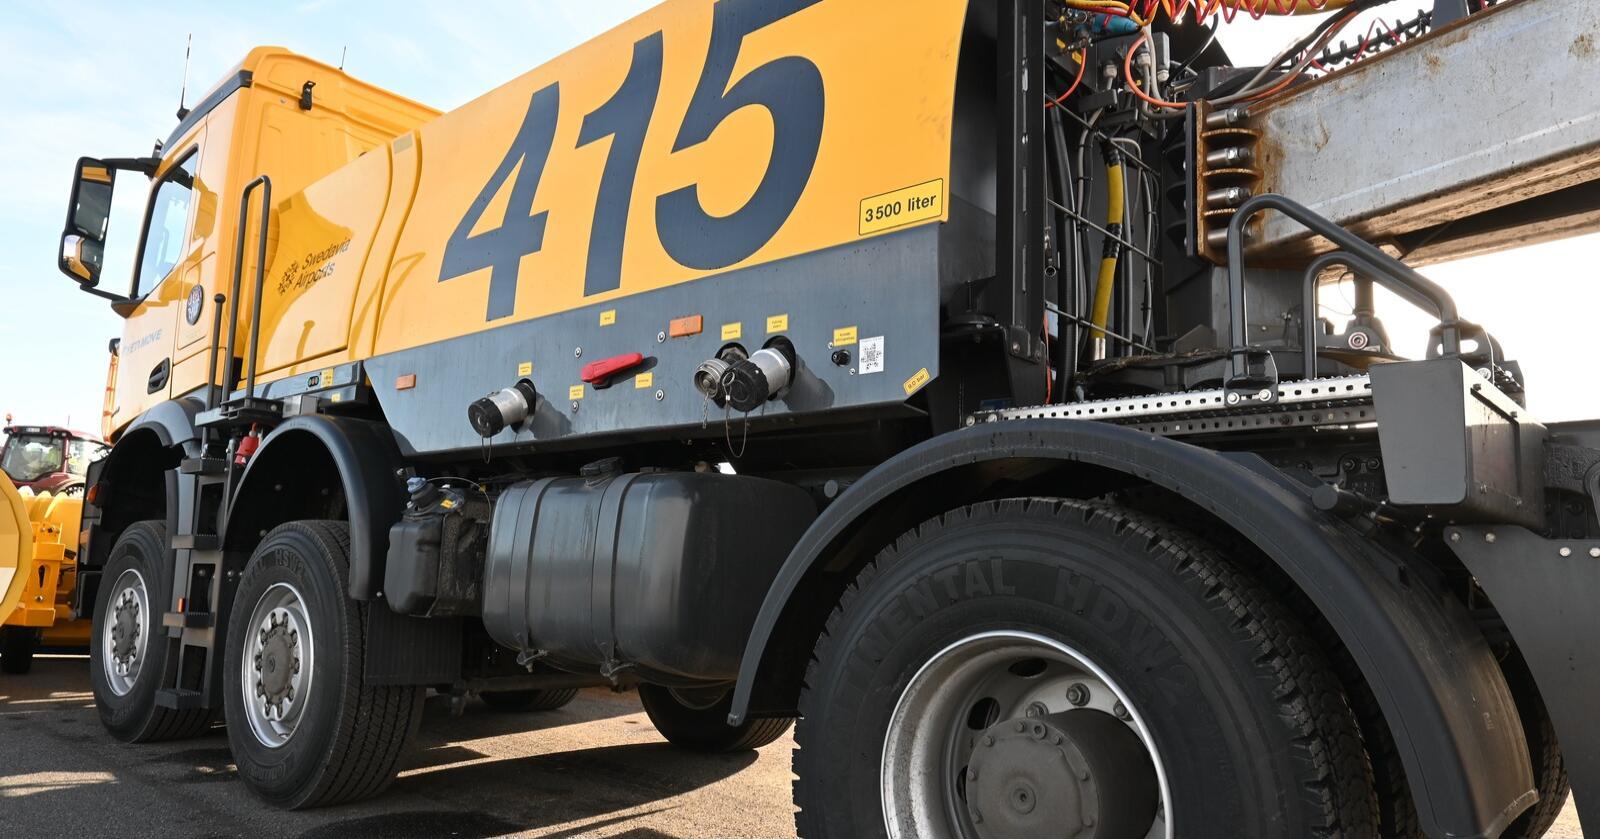 Selvkjørende: Øveraasen skal levere selvkjørende brøytebiler til Avinor. Maskina på bildet, skal leveres til det Svedavia Airports, som er den svenske versjonen av Avinor